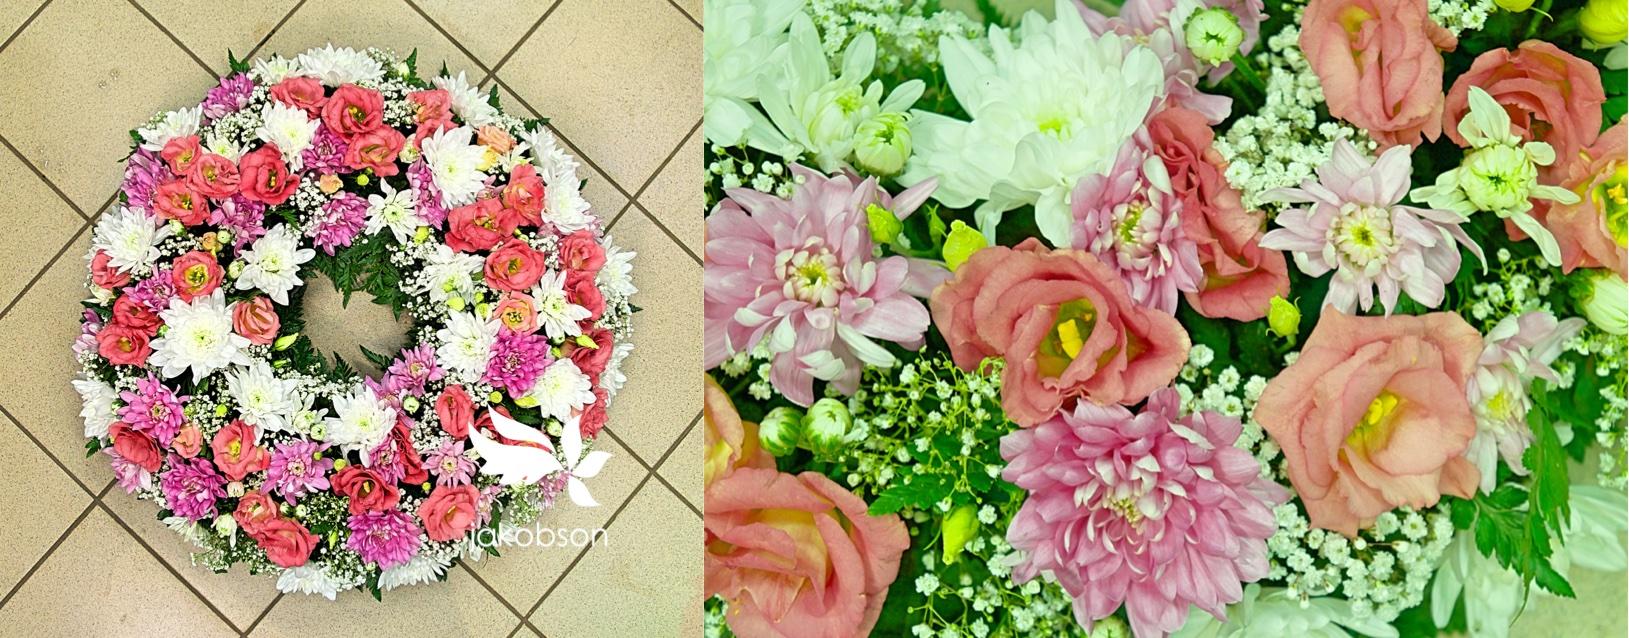 Florist Jakobson - Matusepärg täislilledest